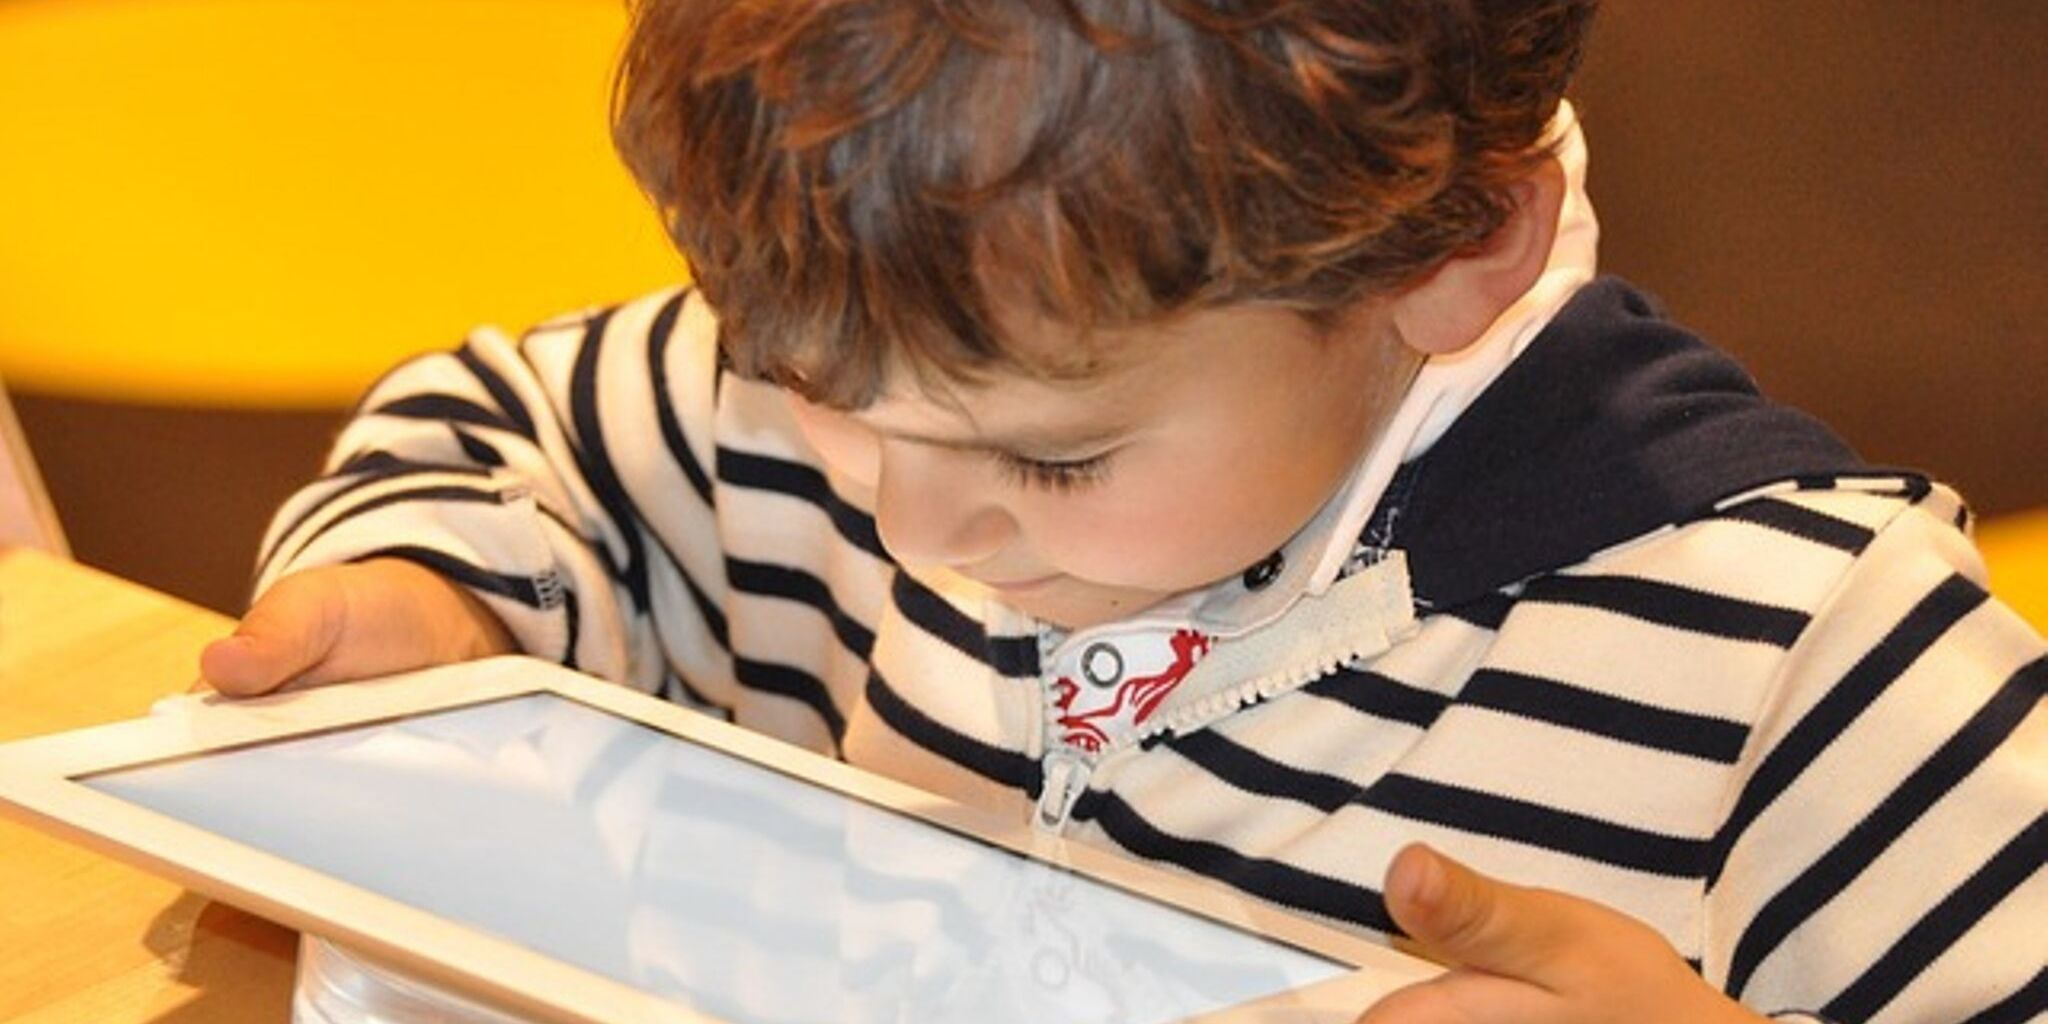 兒童與科技:優缺點